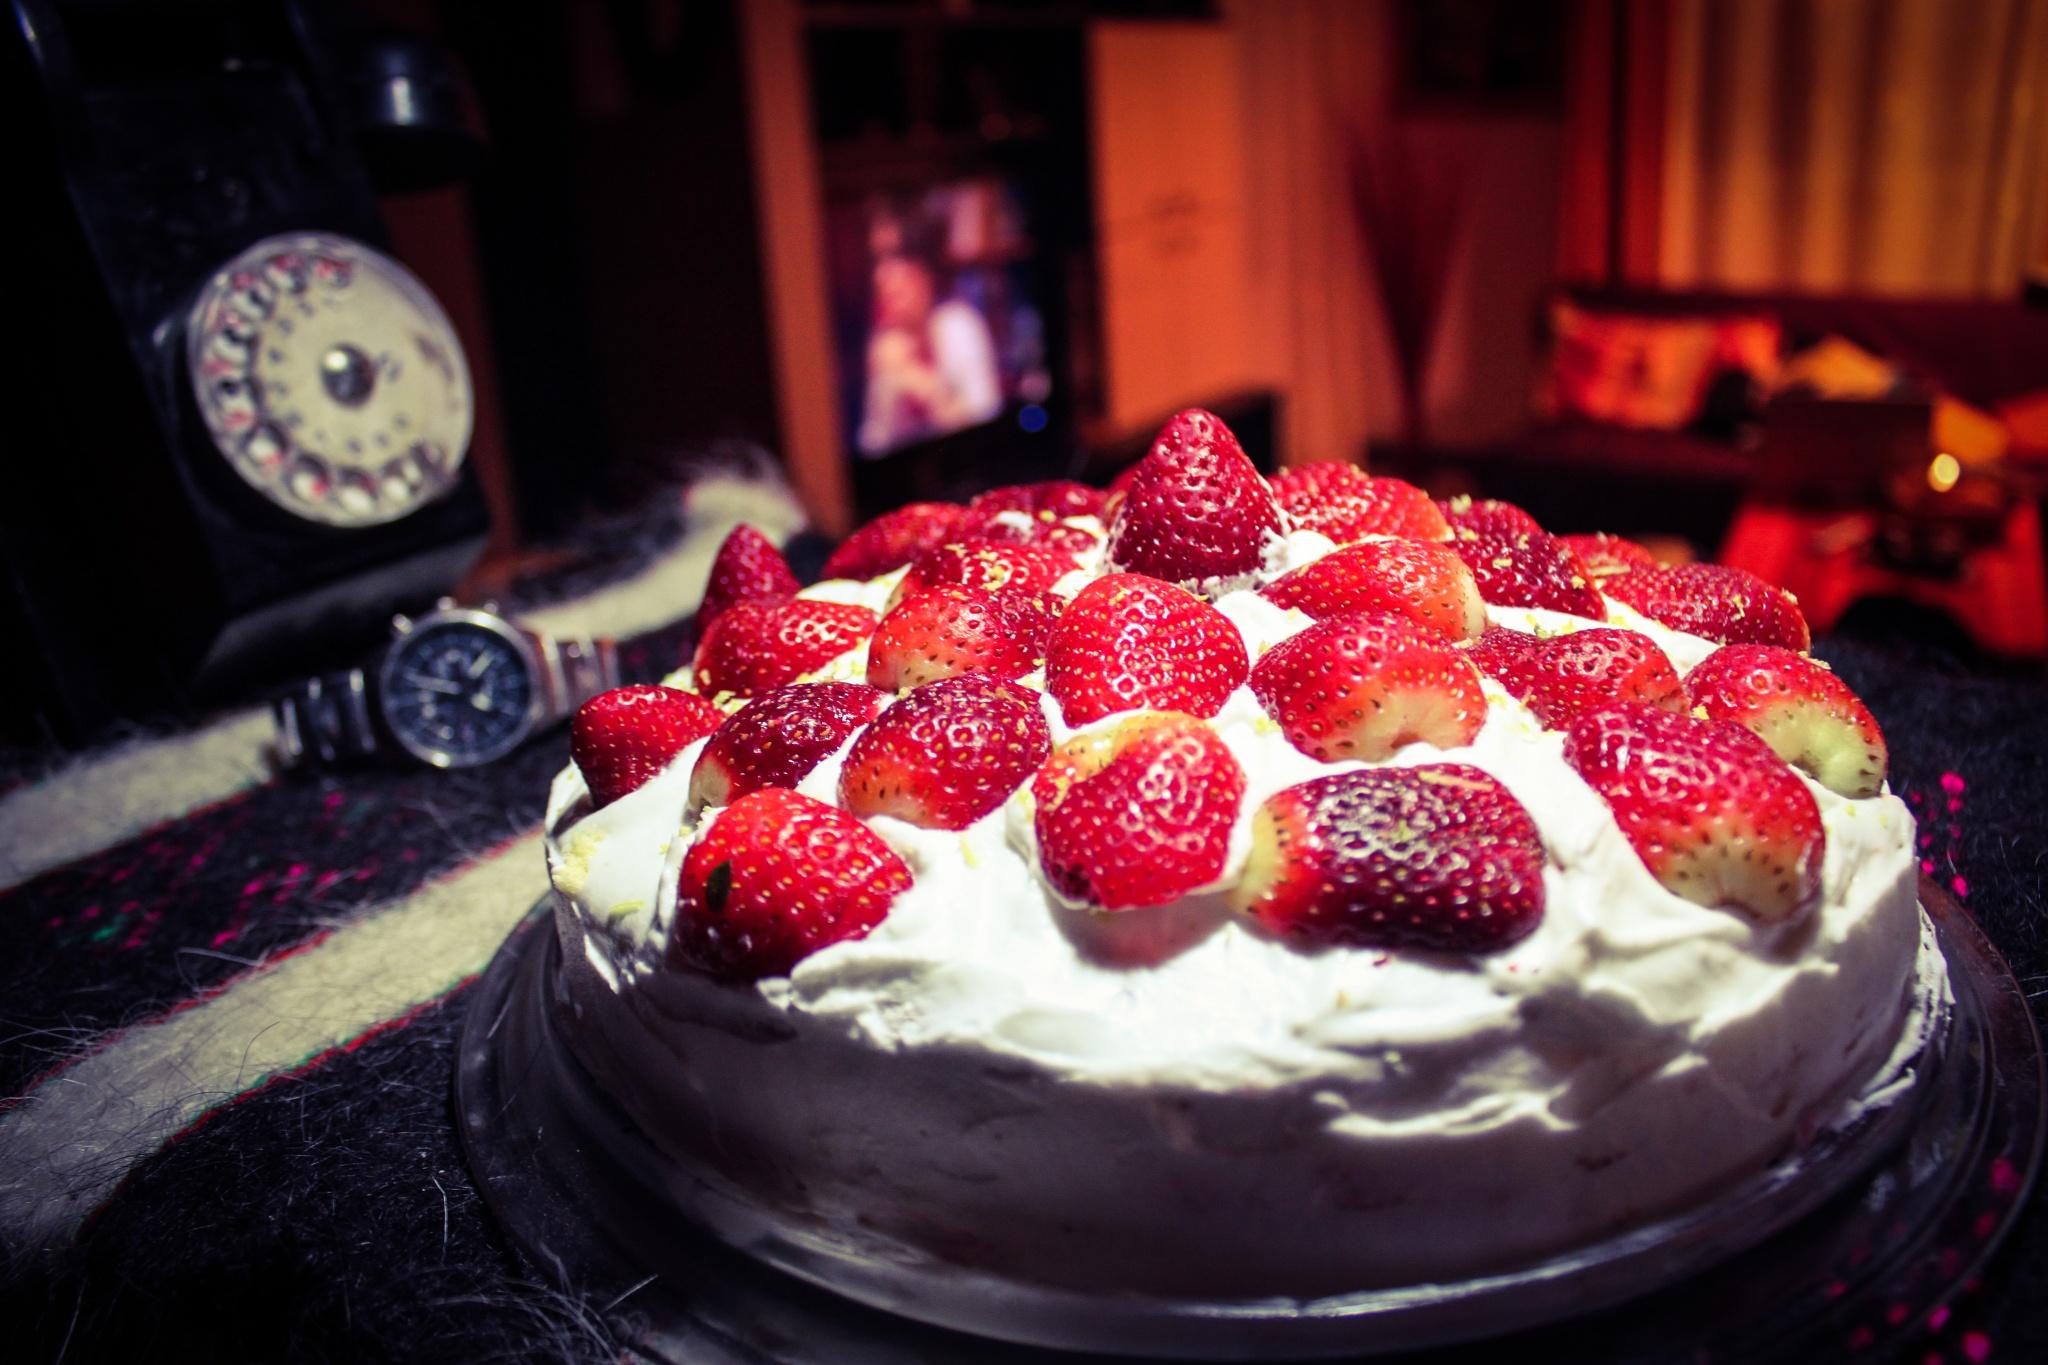 strawberry pie by DADCI